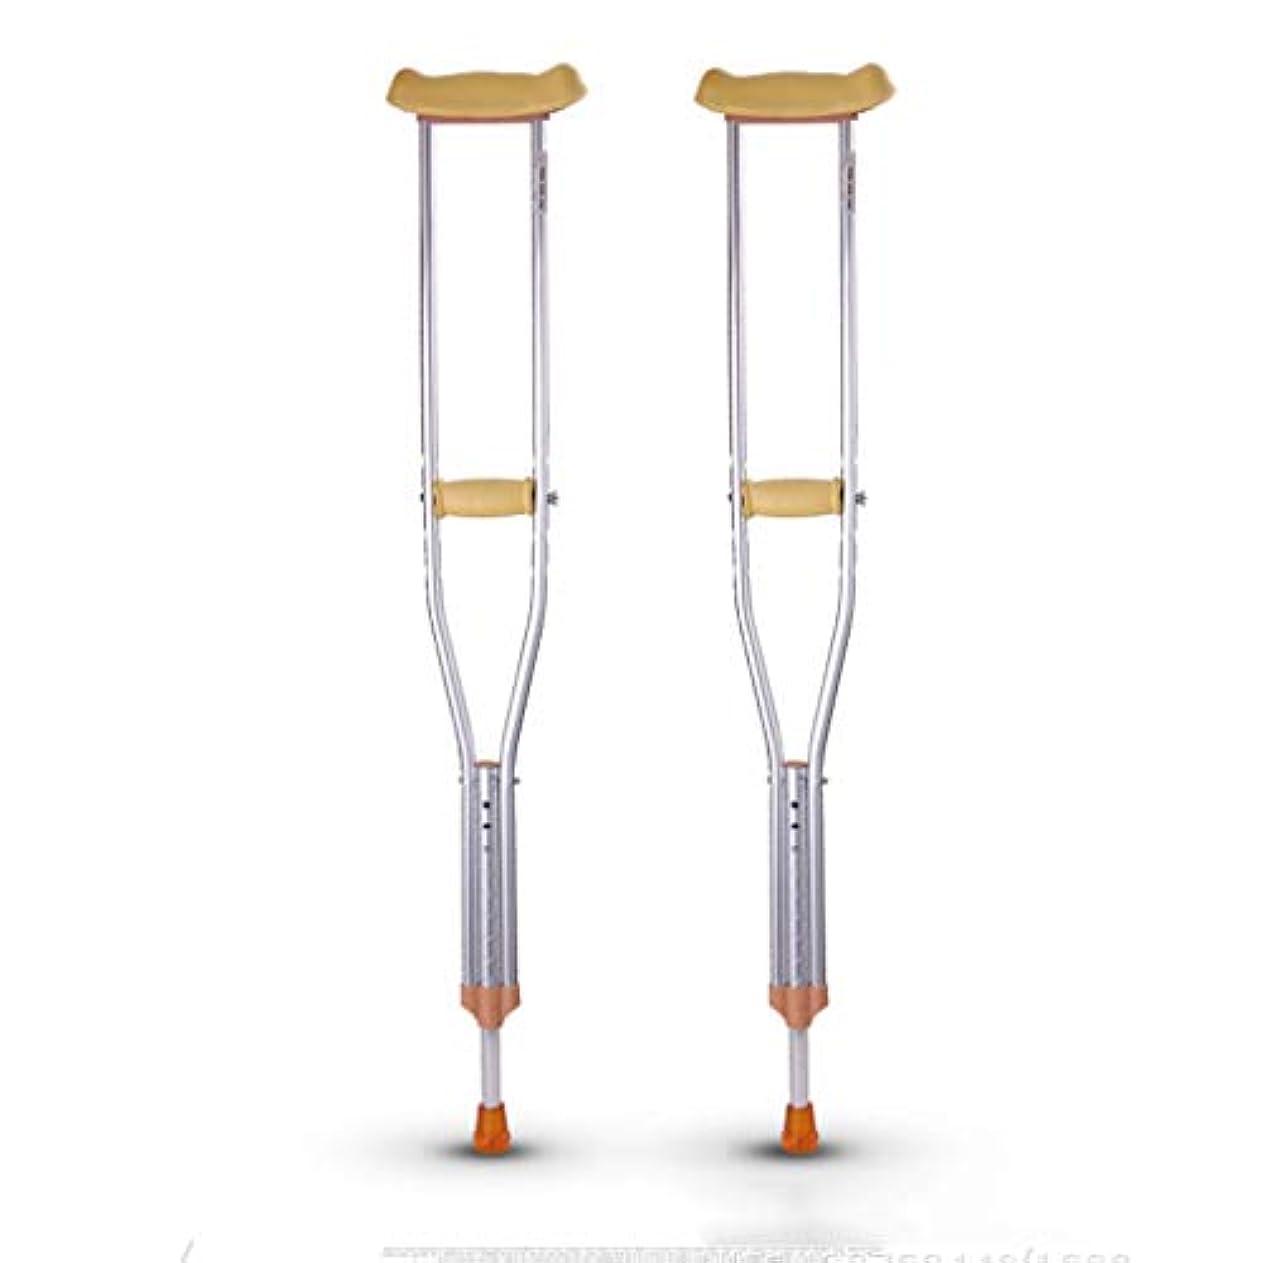 ナインへ雪だるまを作る口実医療用松葉杖、厚く滑り止めができるアルミ合金の脇の下調節可能な高さの高齢者用歩行者、医療用骨折の調整に適しています。